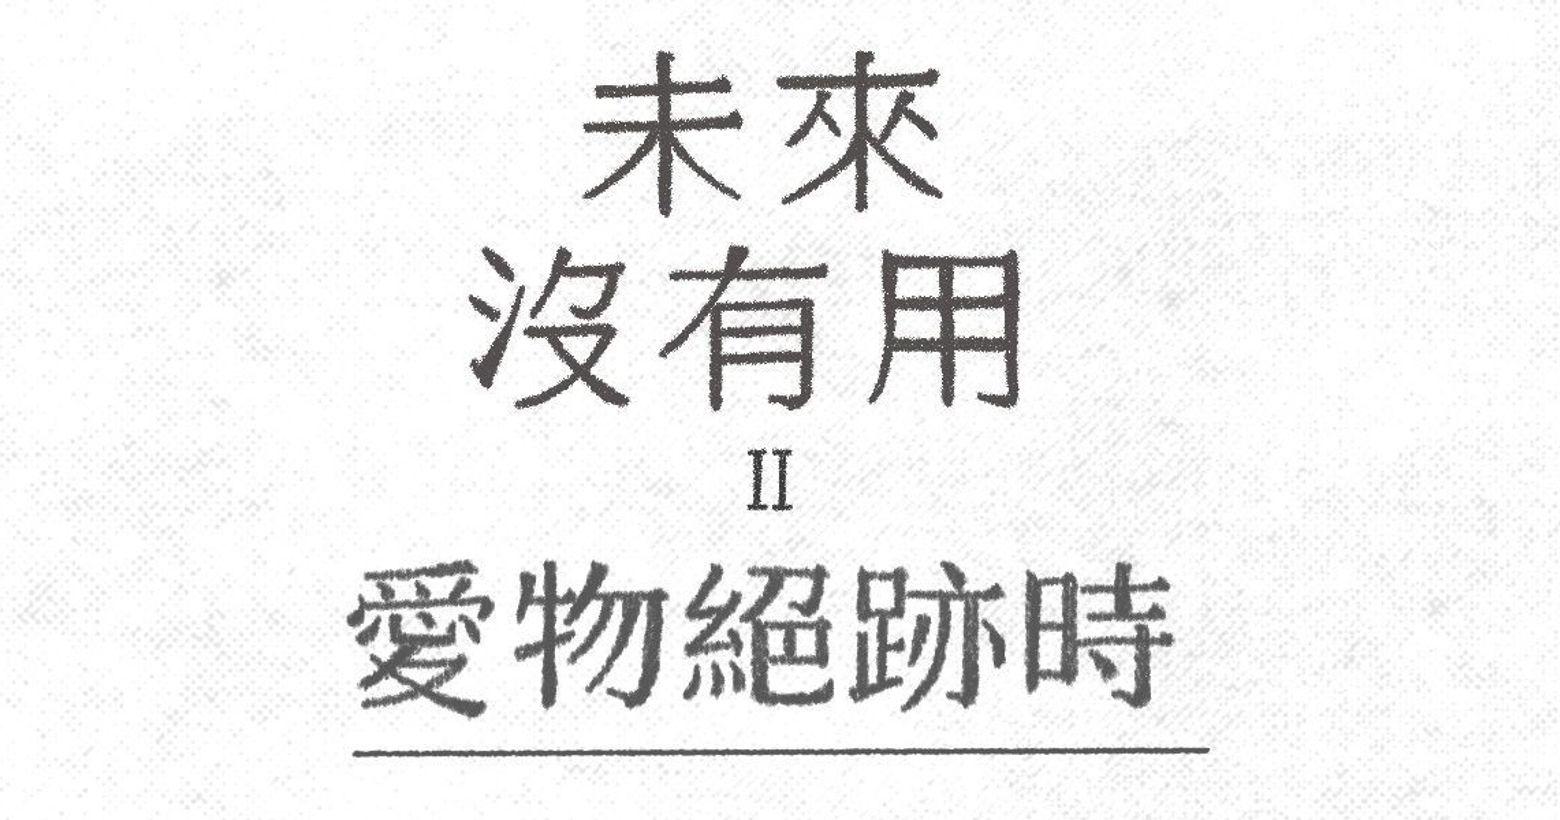 未來沒有用2 - 愛物絕跡時1989-1998年播映的《歡樂單身派對》(也稱宋飛傳,原文Seinfe